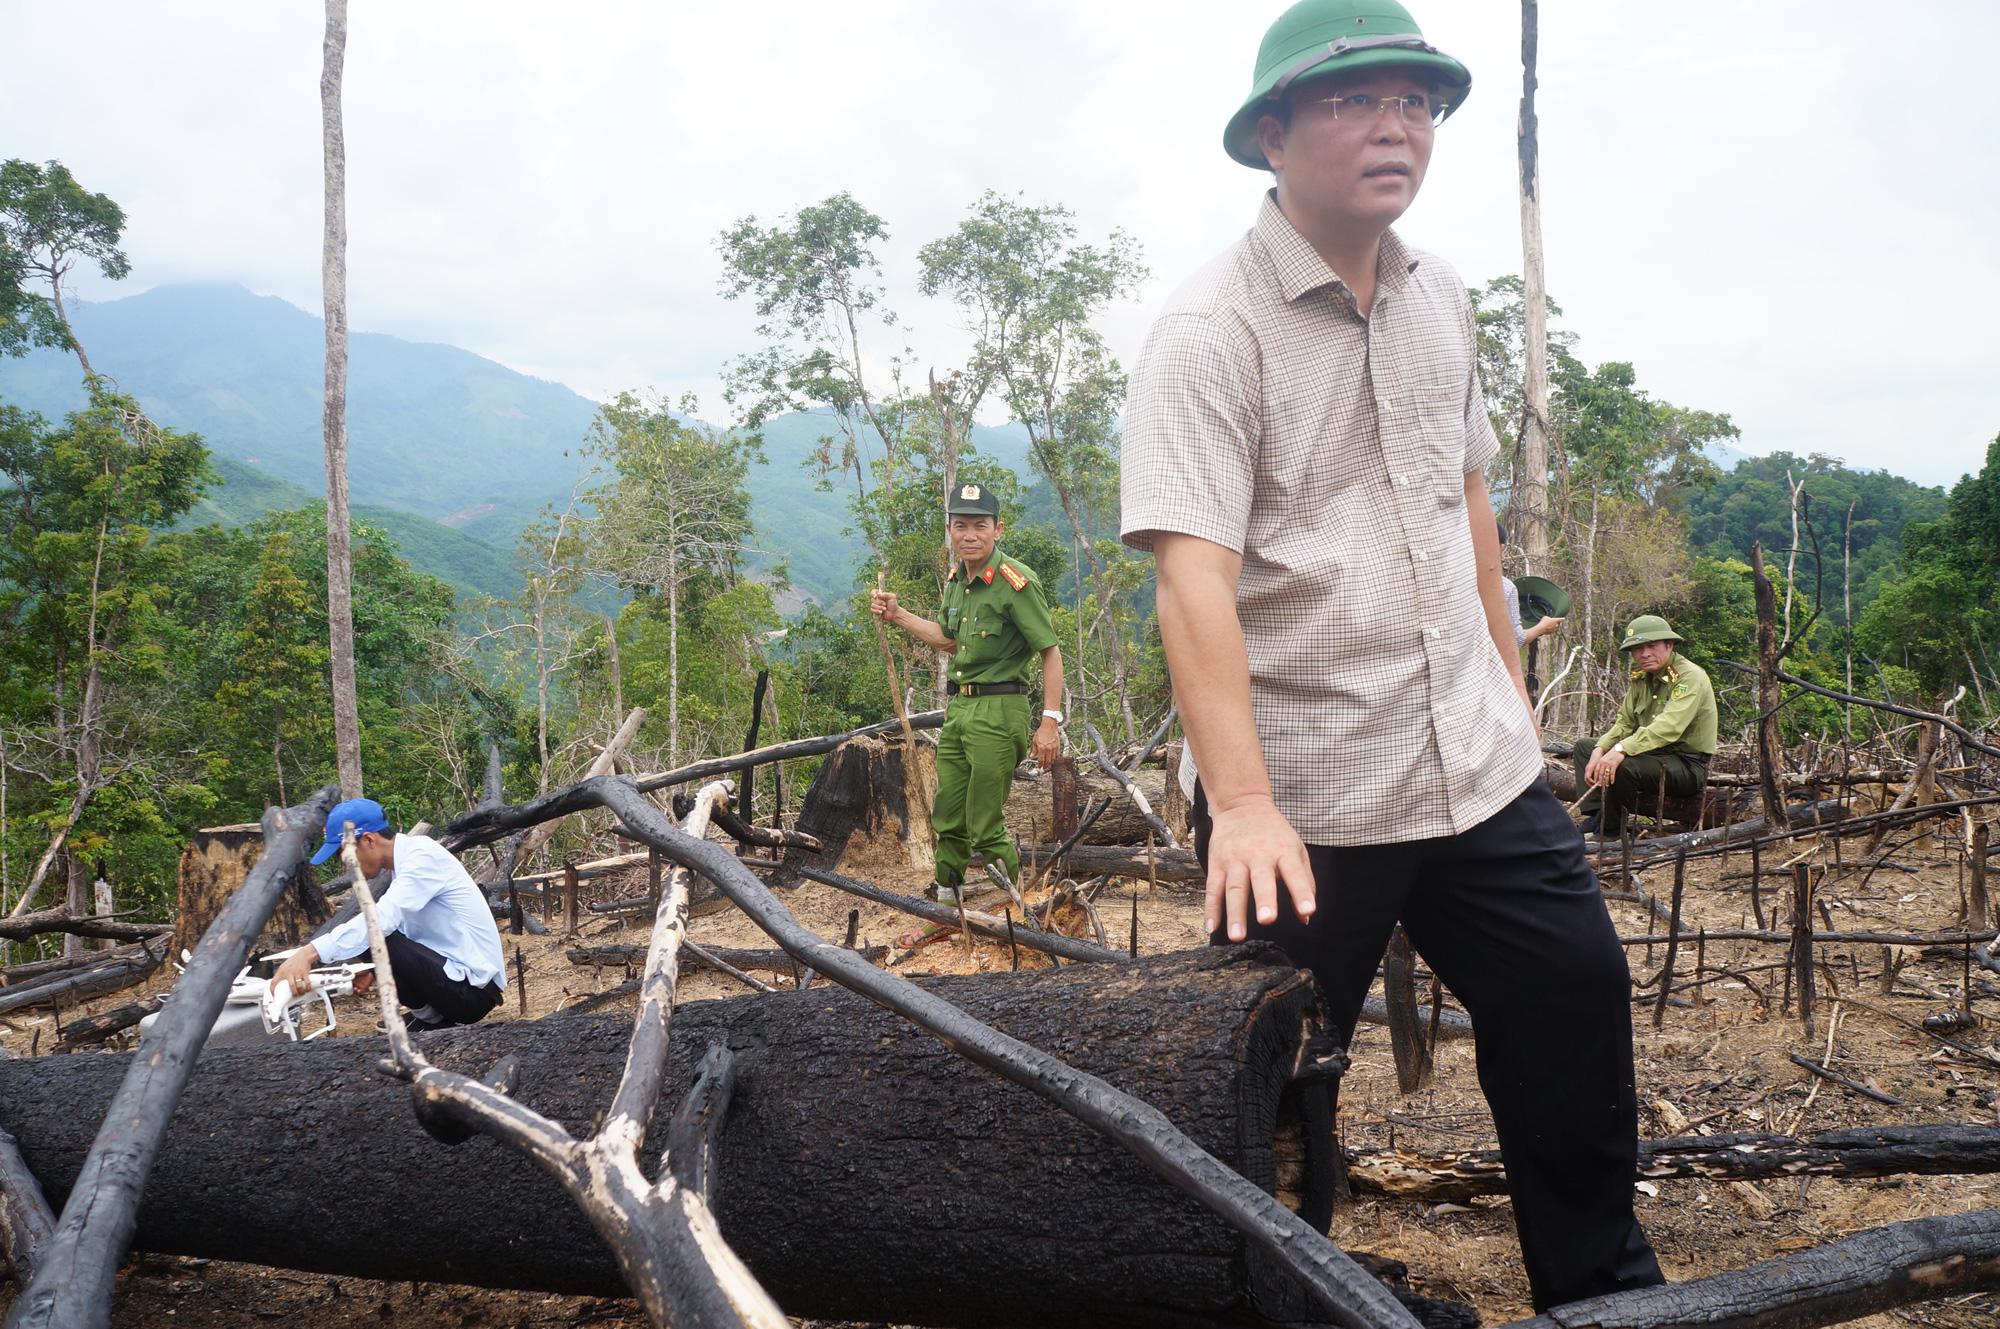 Chủ tịch tỉnh Quảng Nam yêu cầu giảm bớt các cuộc họp không cần thiết để tập trung chỉ đạo, điều hành - Ảnh 2.